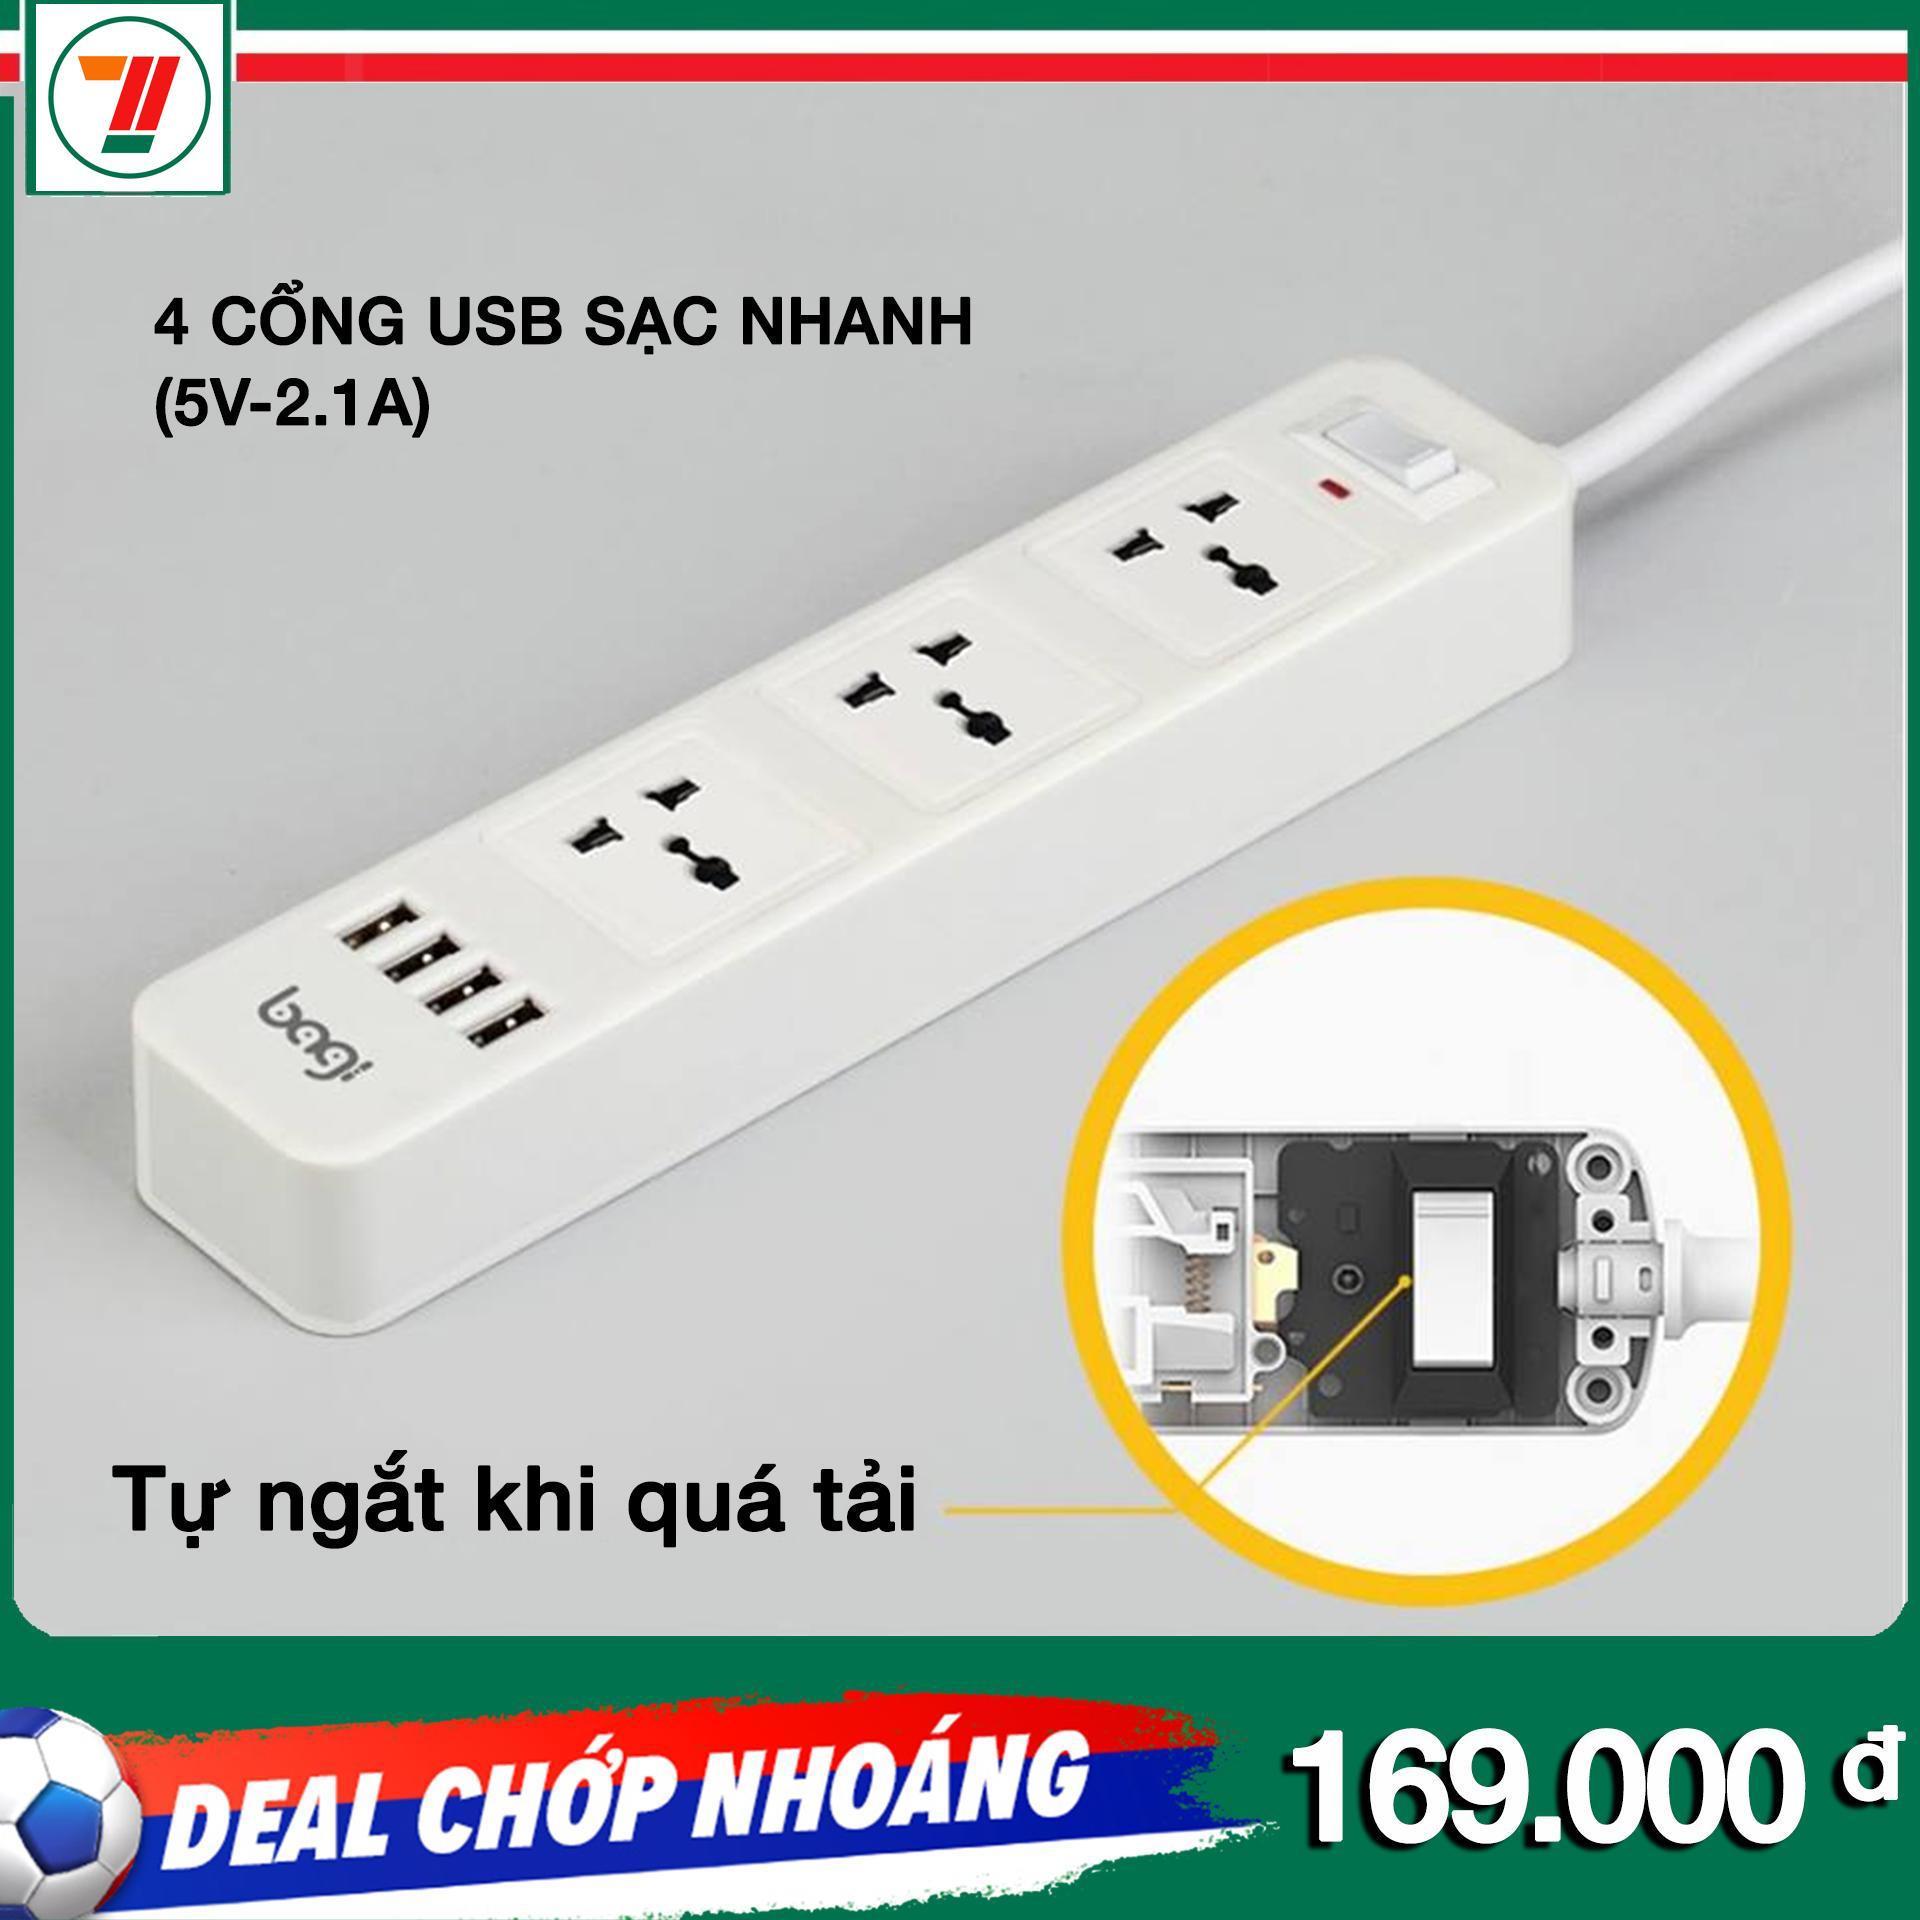 Ổ cắm đa điện năng 4 cổng USB 3 ổ điện thương hiệu Bagi thông minh tự ngắt khi quá tải, an toàn, tiện lợi